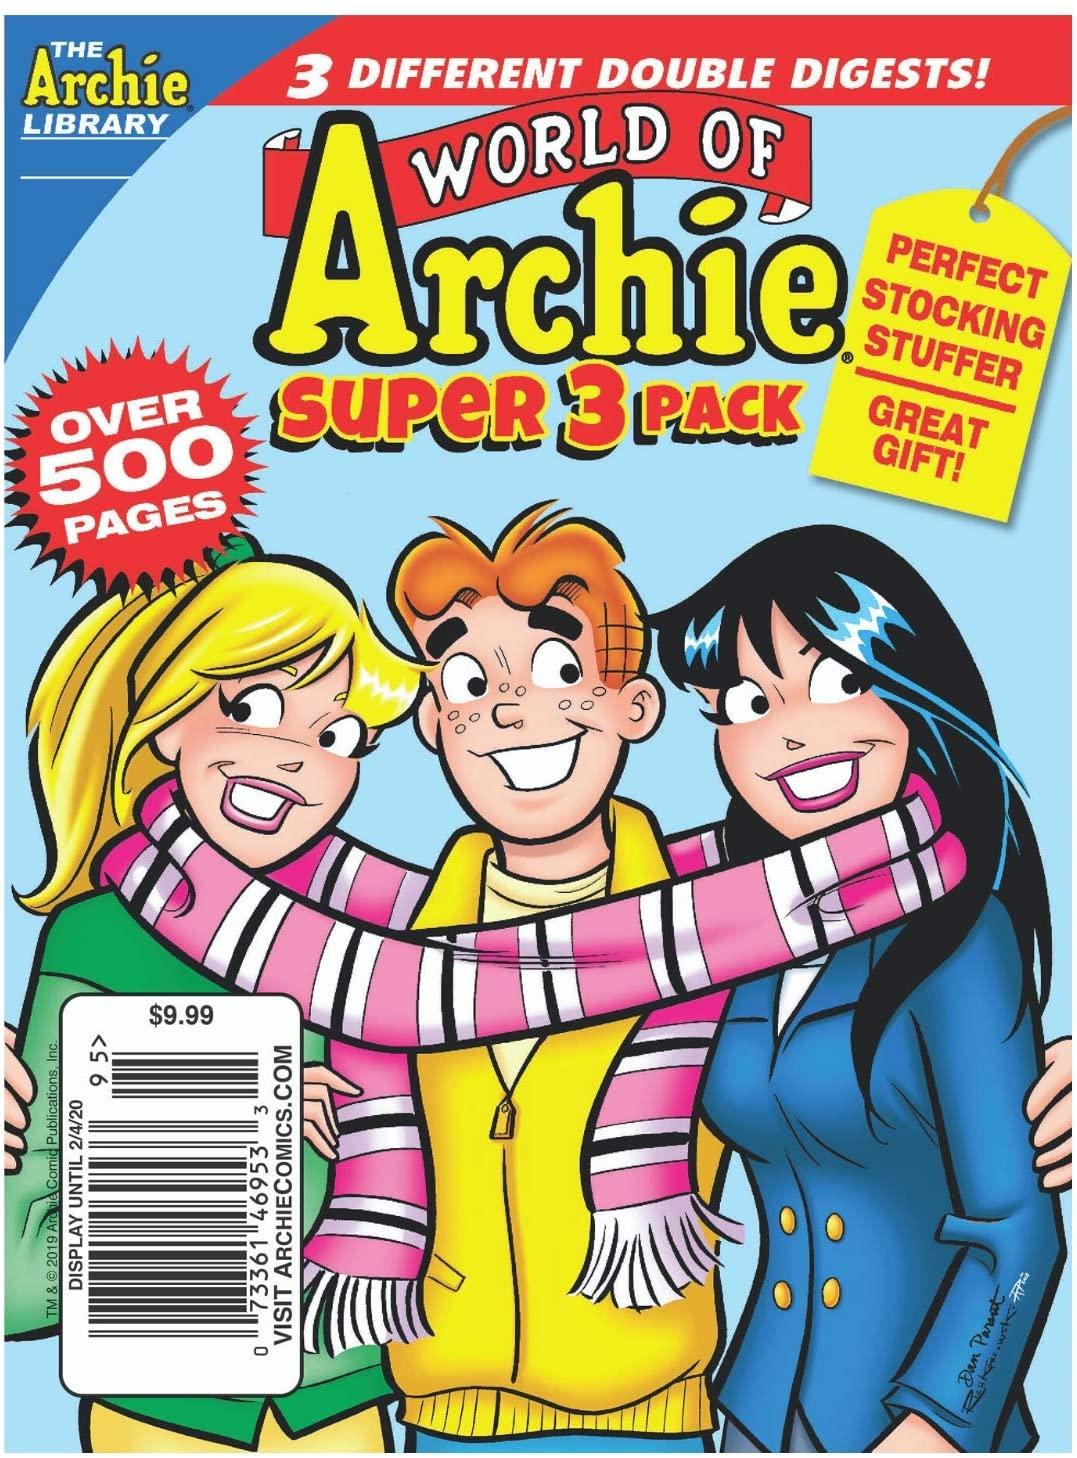 Archie Comics Digest Value Packs (Archie Winter 2020 3-Pack)